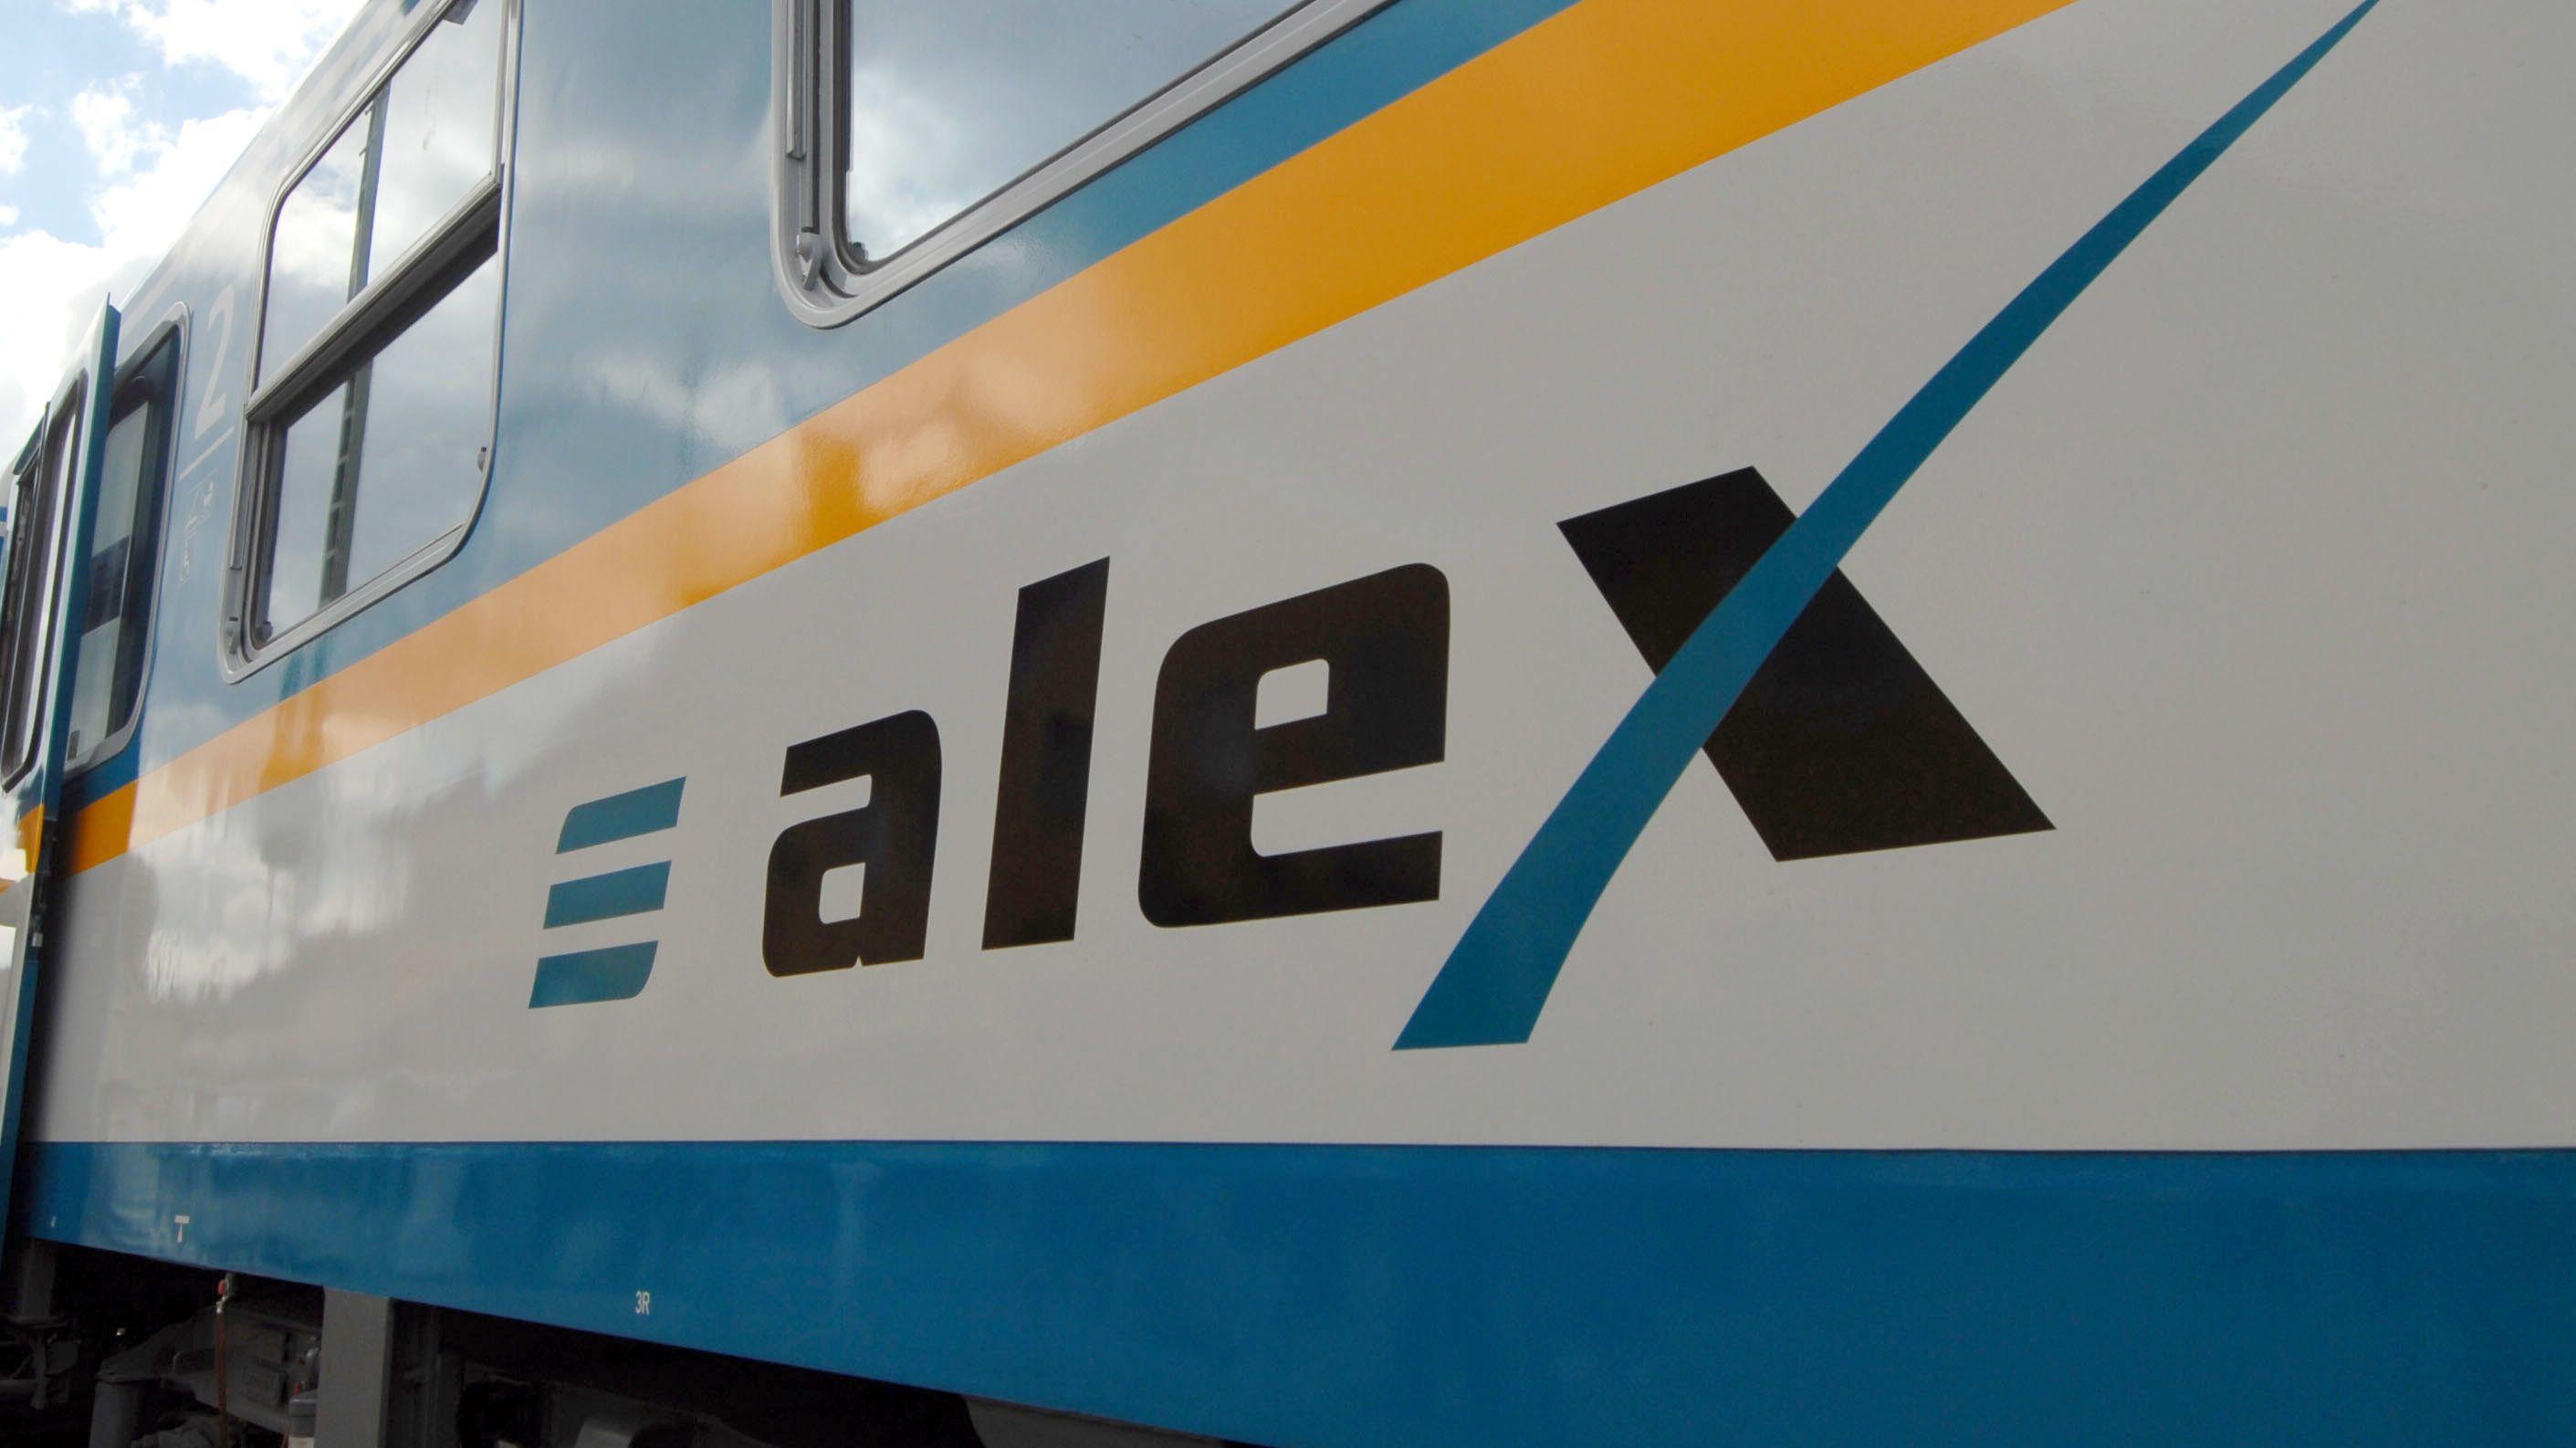 Busse statt Züge: Wegen Personalmangels kommt es bis Ende Oktober zu weiteren Zugausfällen bei der Länderbahn